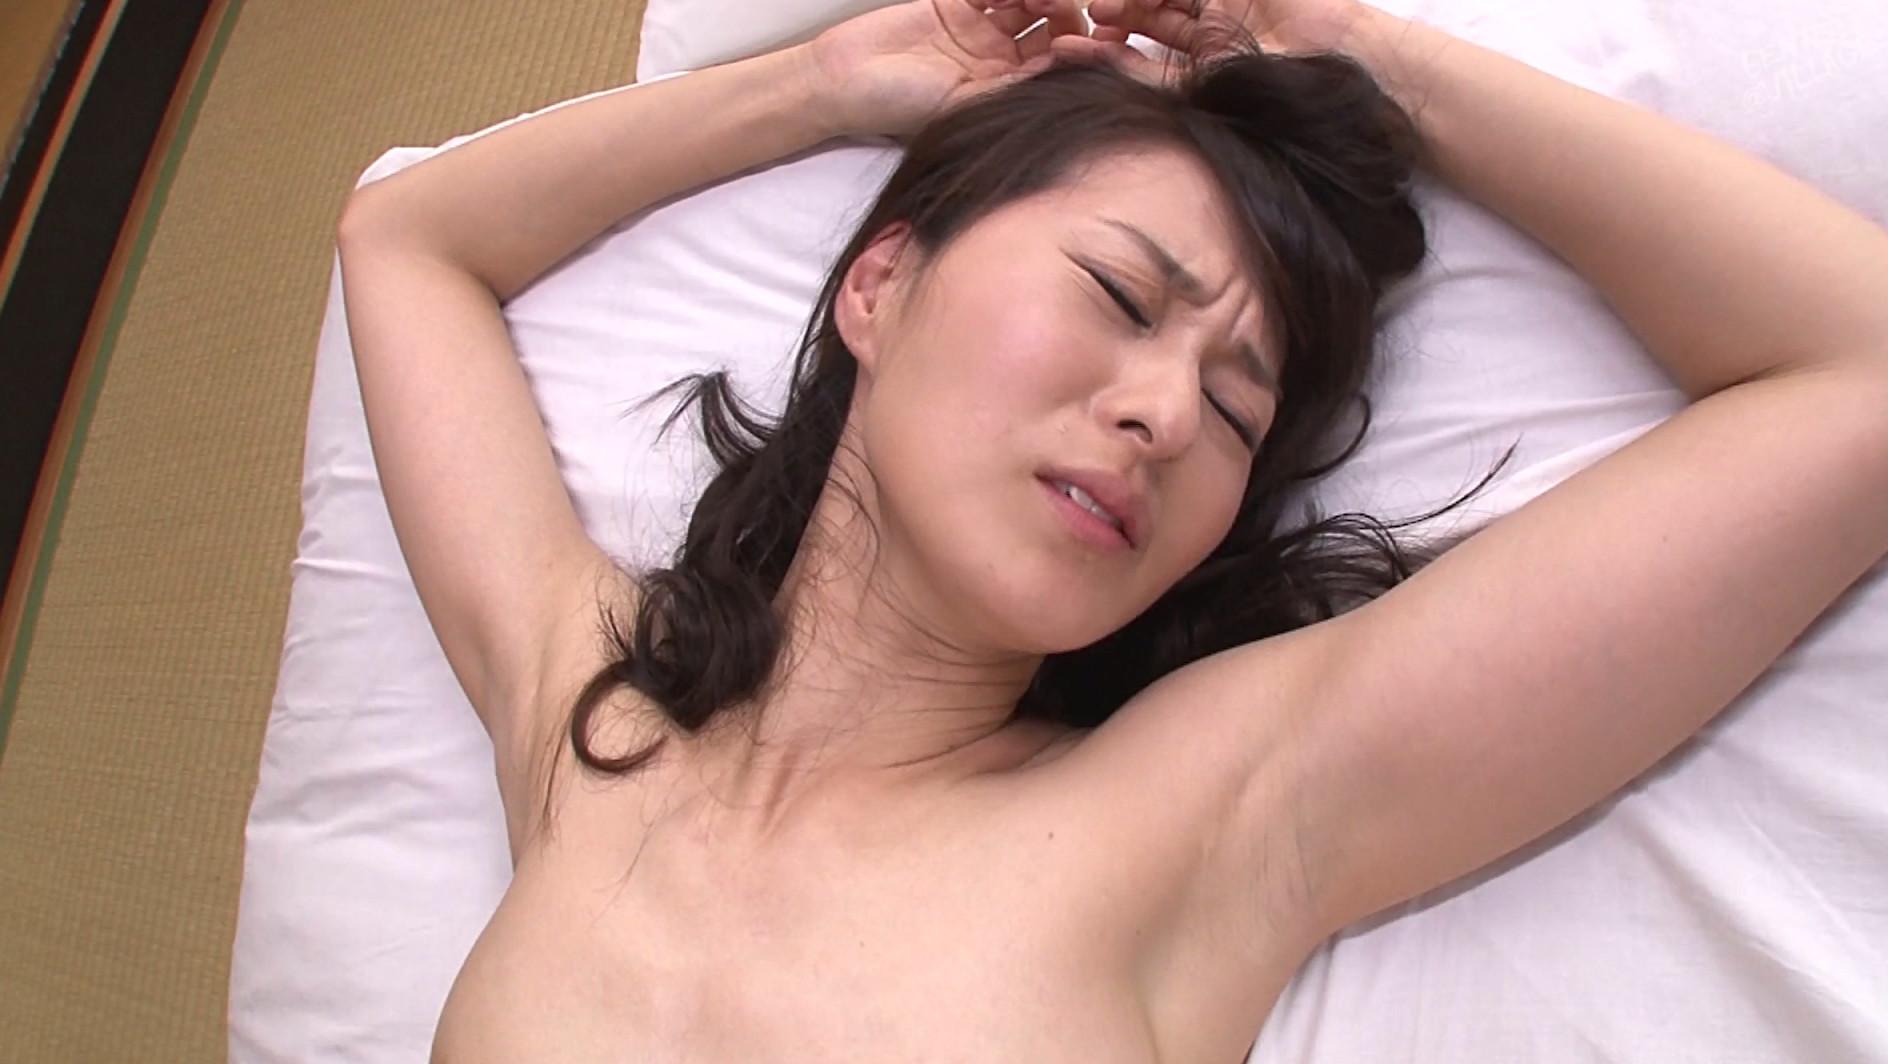 いま現在リアルタイムでハマってるAV女優xhamster>2本 xvideo>1本 pornhost>1本 ->画像>213枚